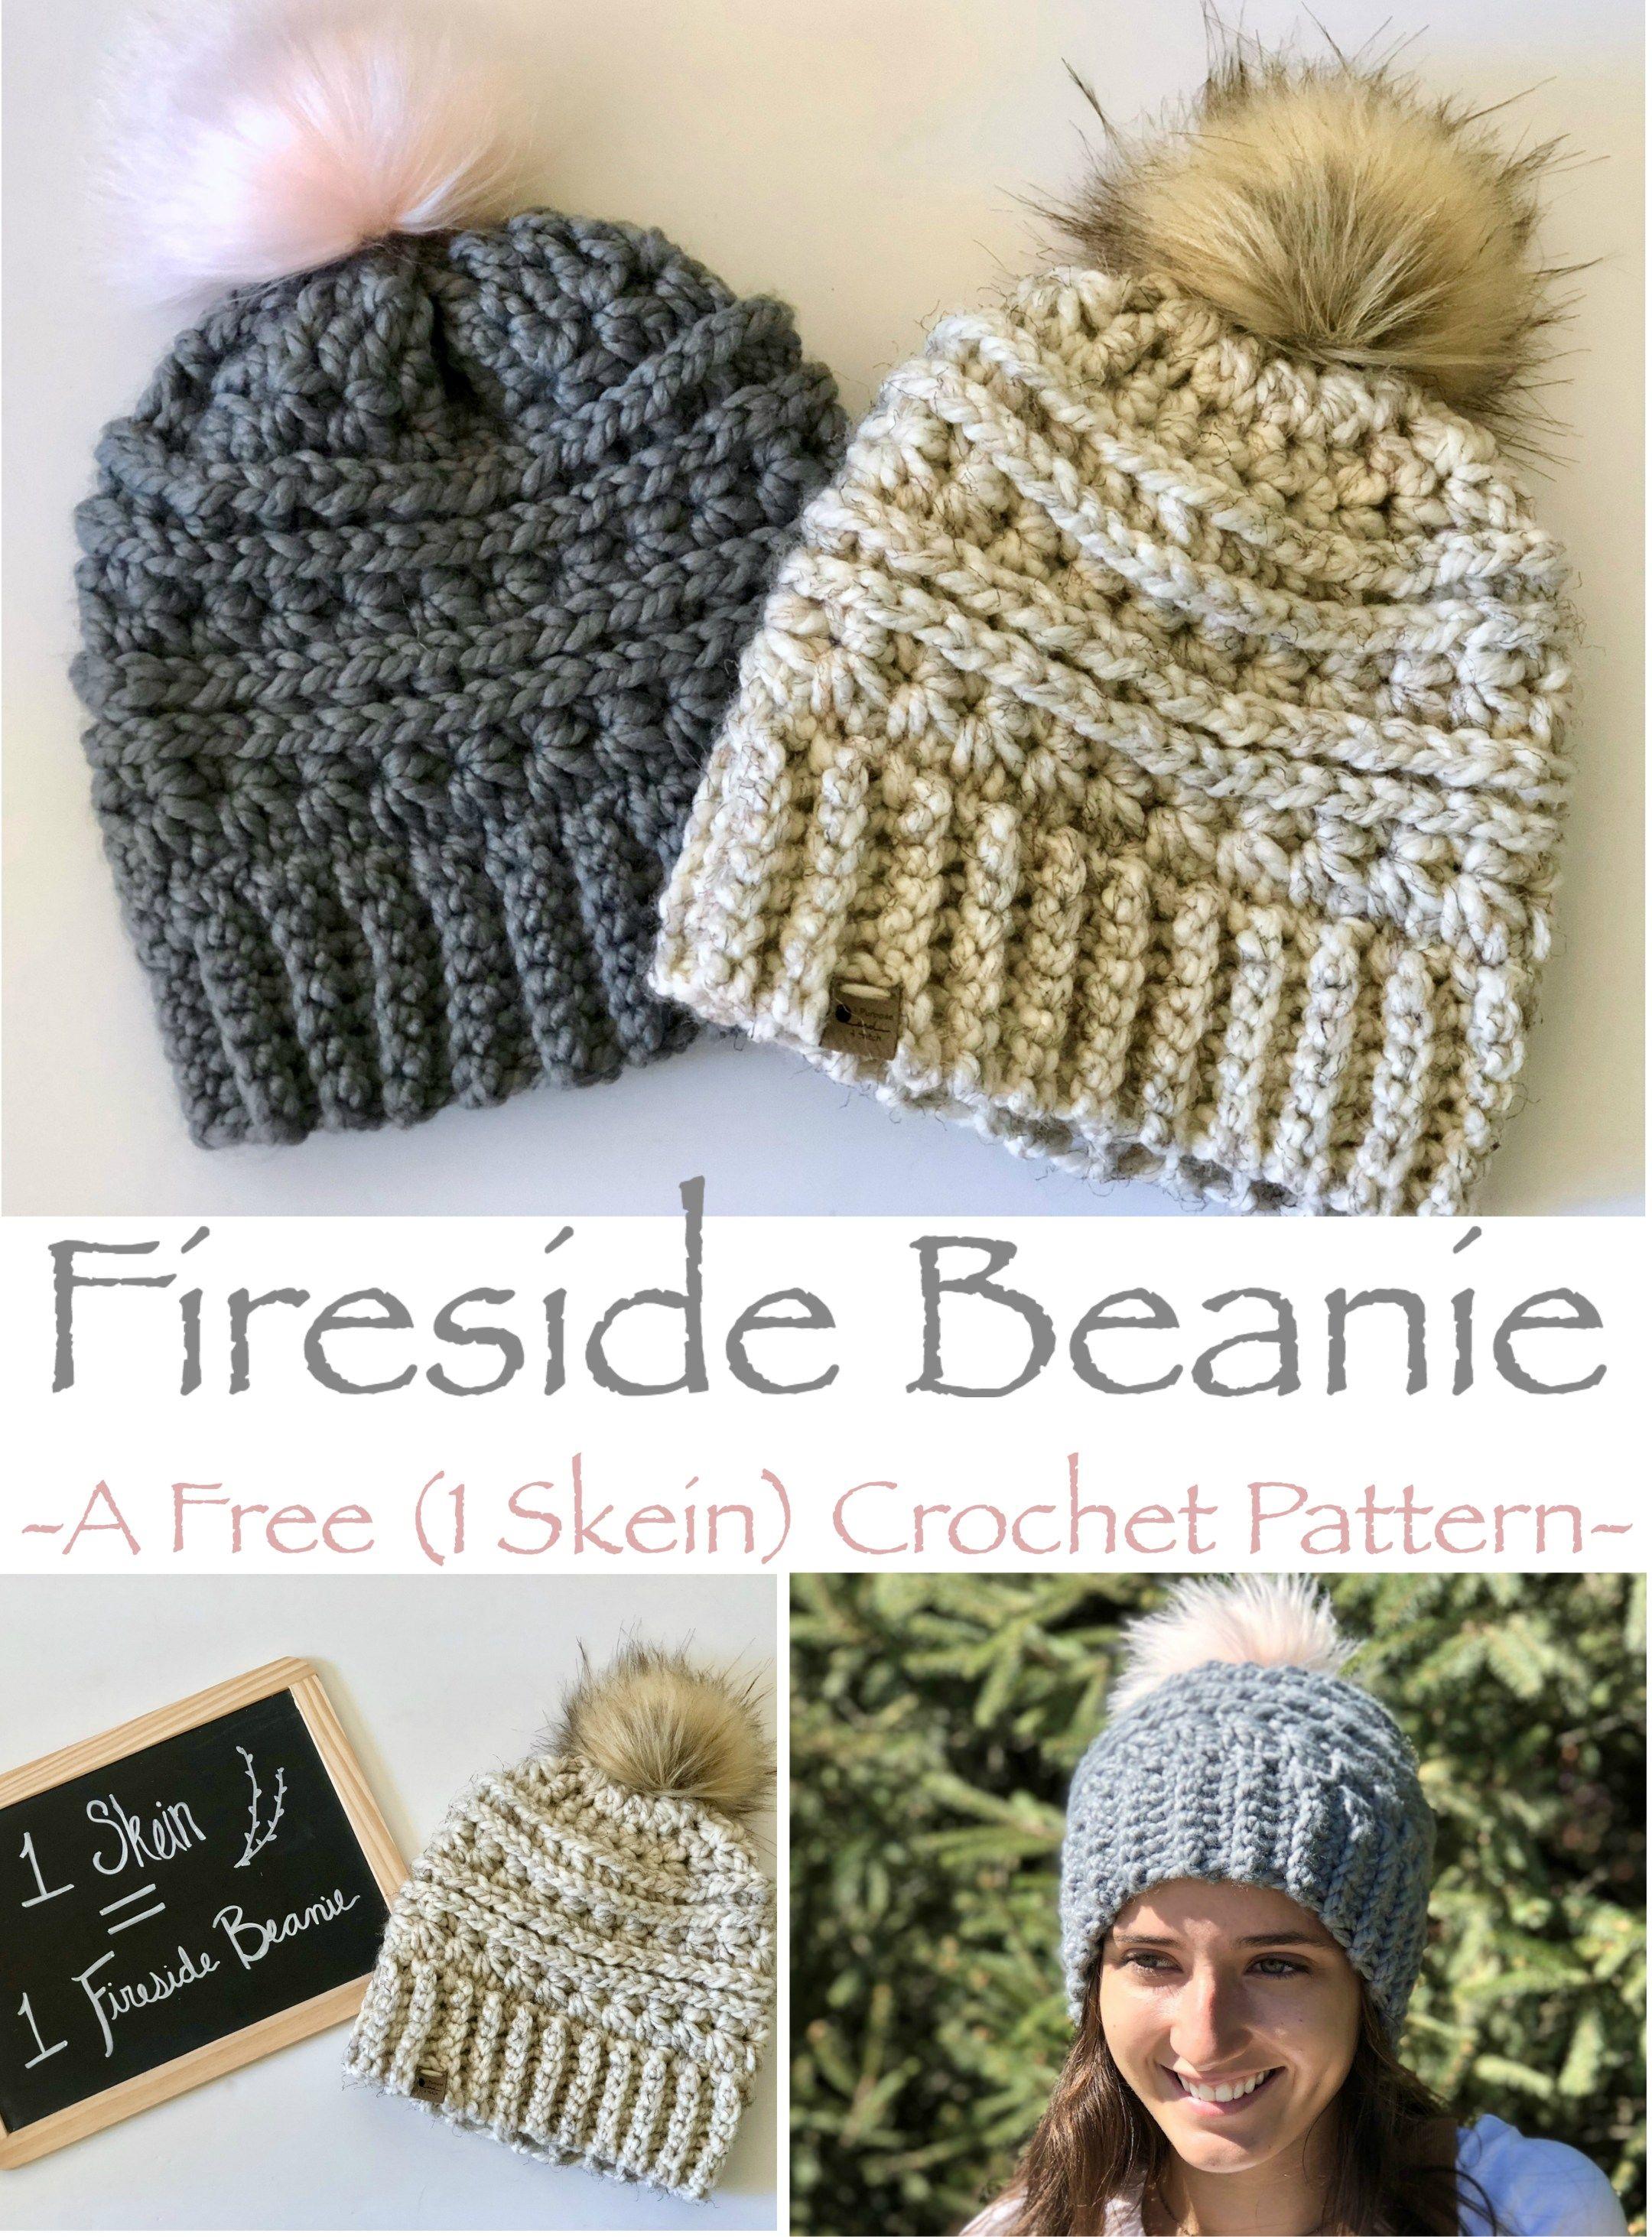 Fireside Beanie- Free Crochet Pattern | Free Crochet Patterns ...